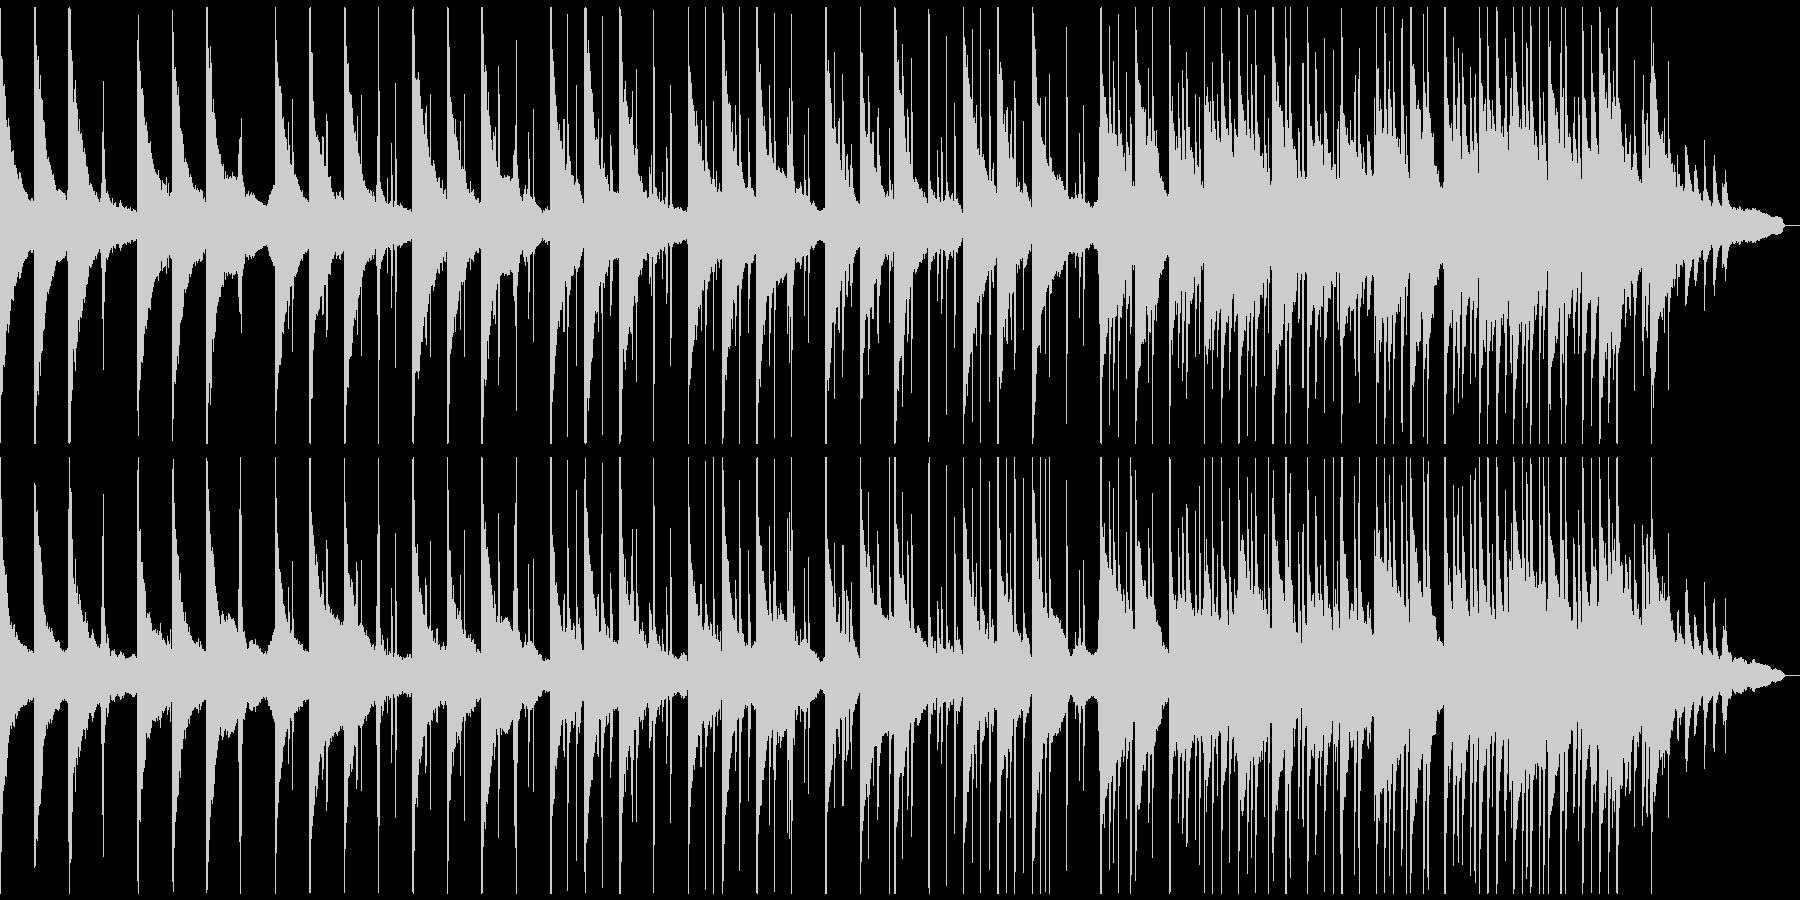 月をイメージしたピアノ曲/ゲーム/M13の未再生の波形